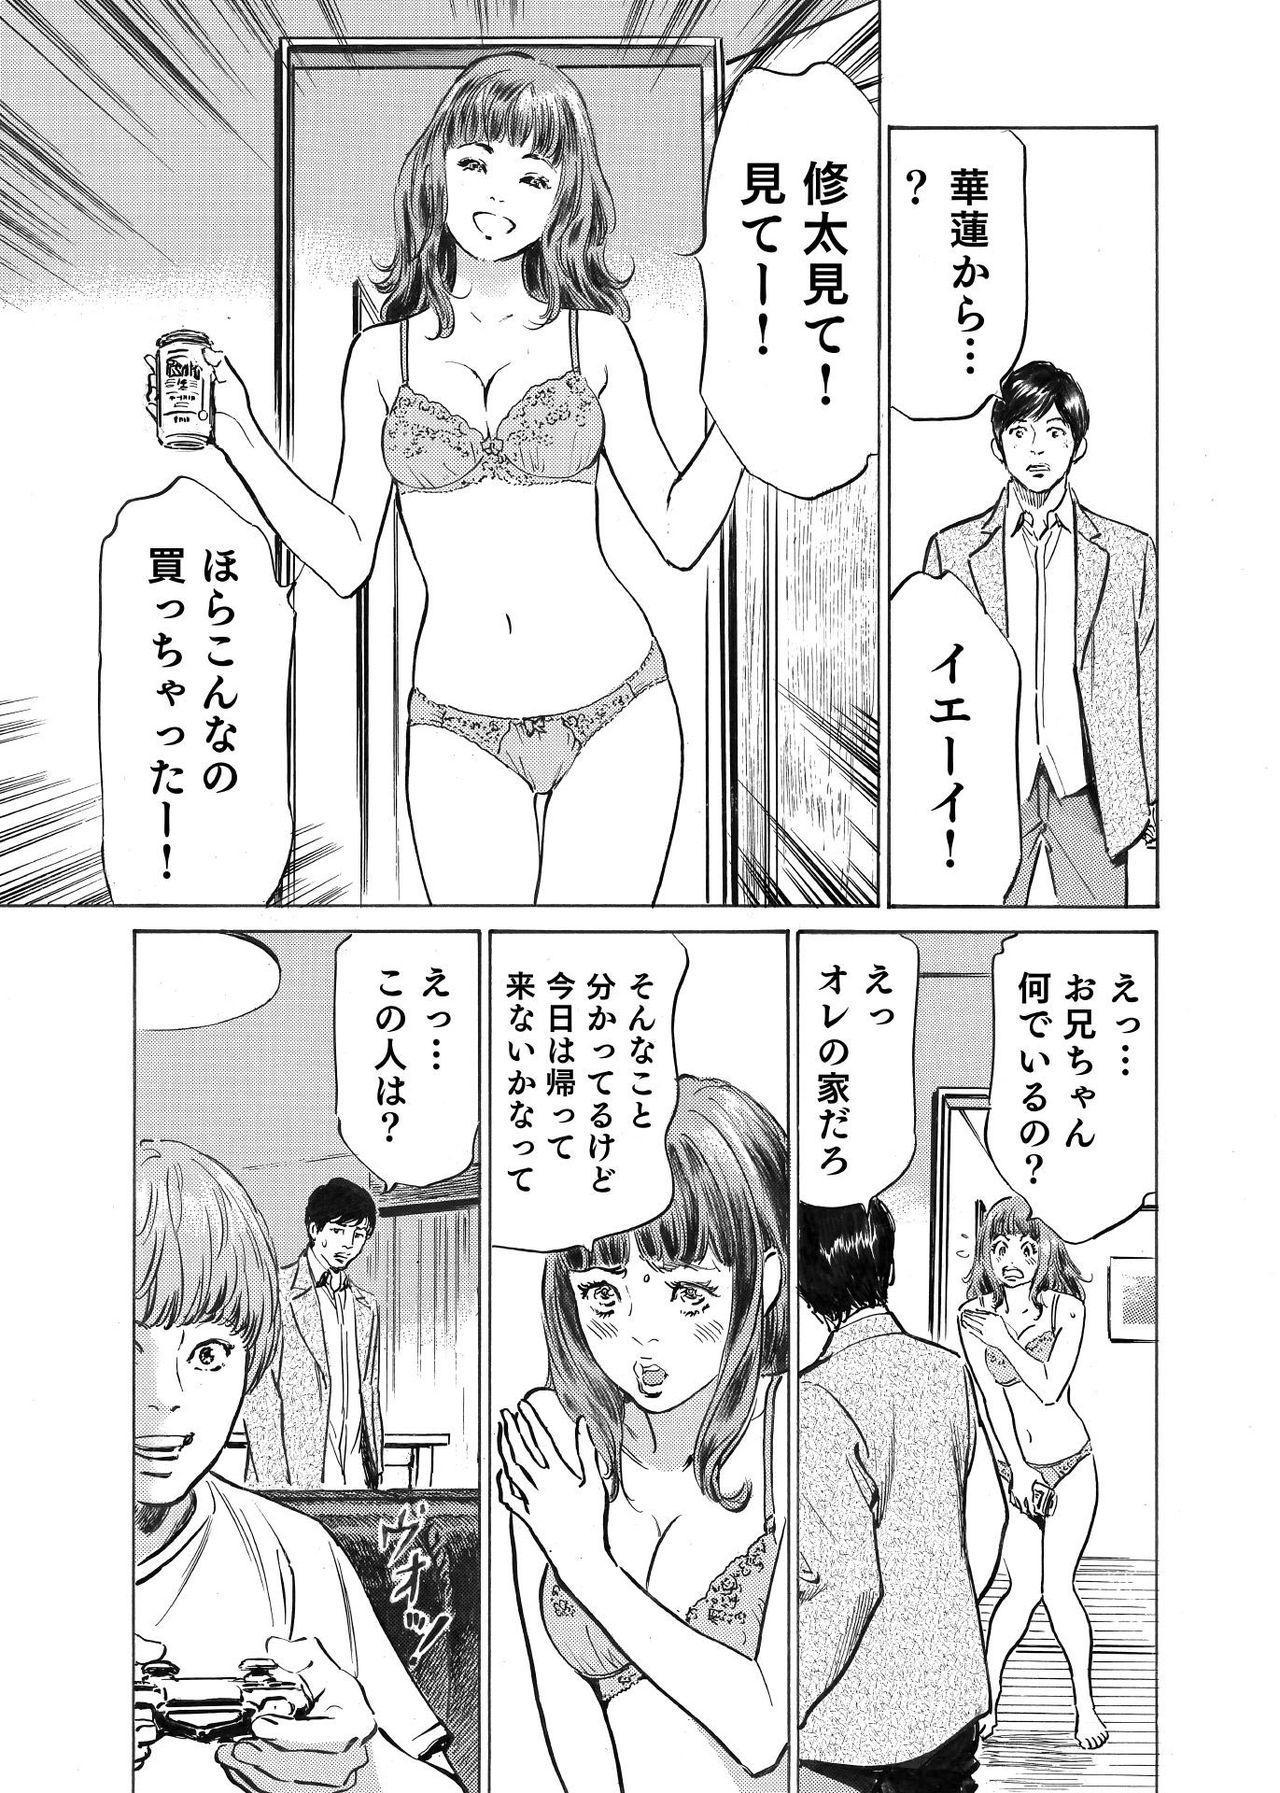 Ore wa Tsuma no Koto o Yoku Shiranai 1-9 72